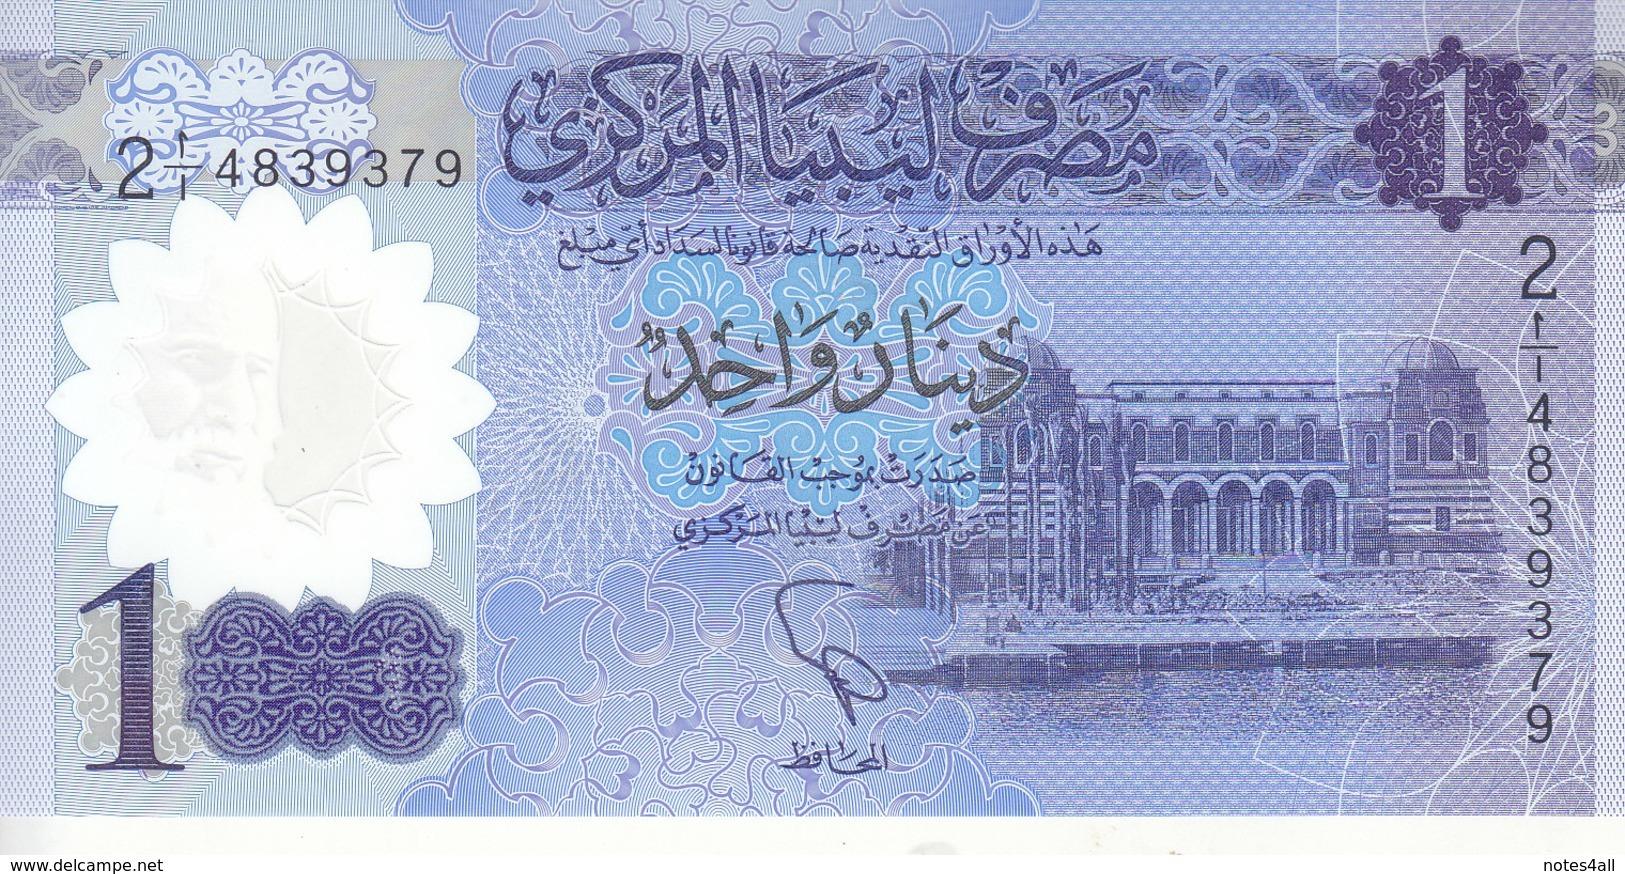 LIBYA 1 DINAR 2019 P-new FIRST START PREFIX (1) .. POLYMER UNC */* - Libye